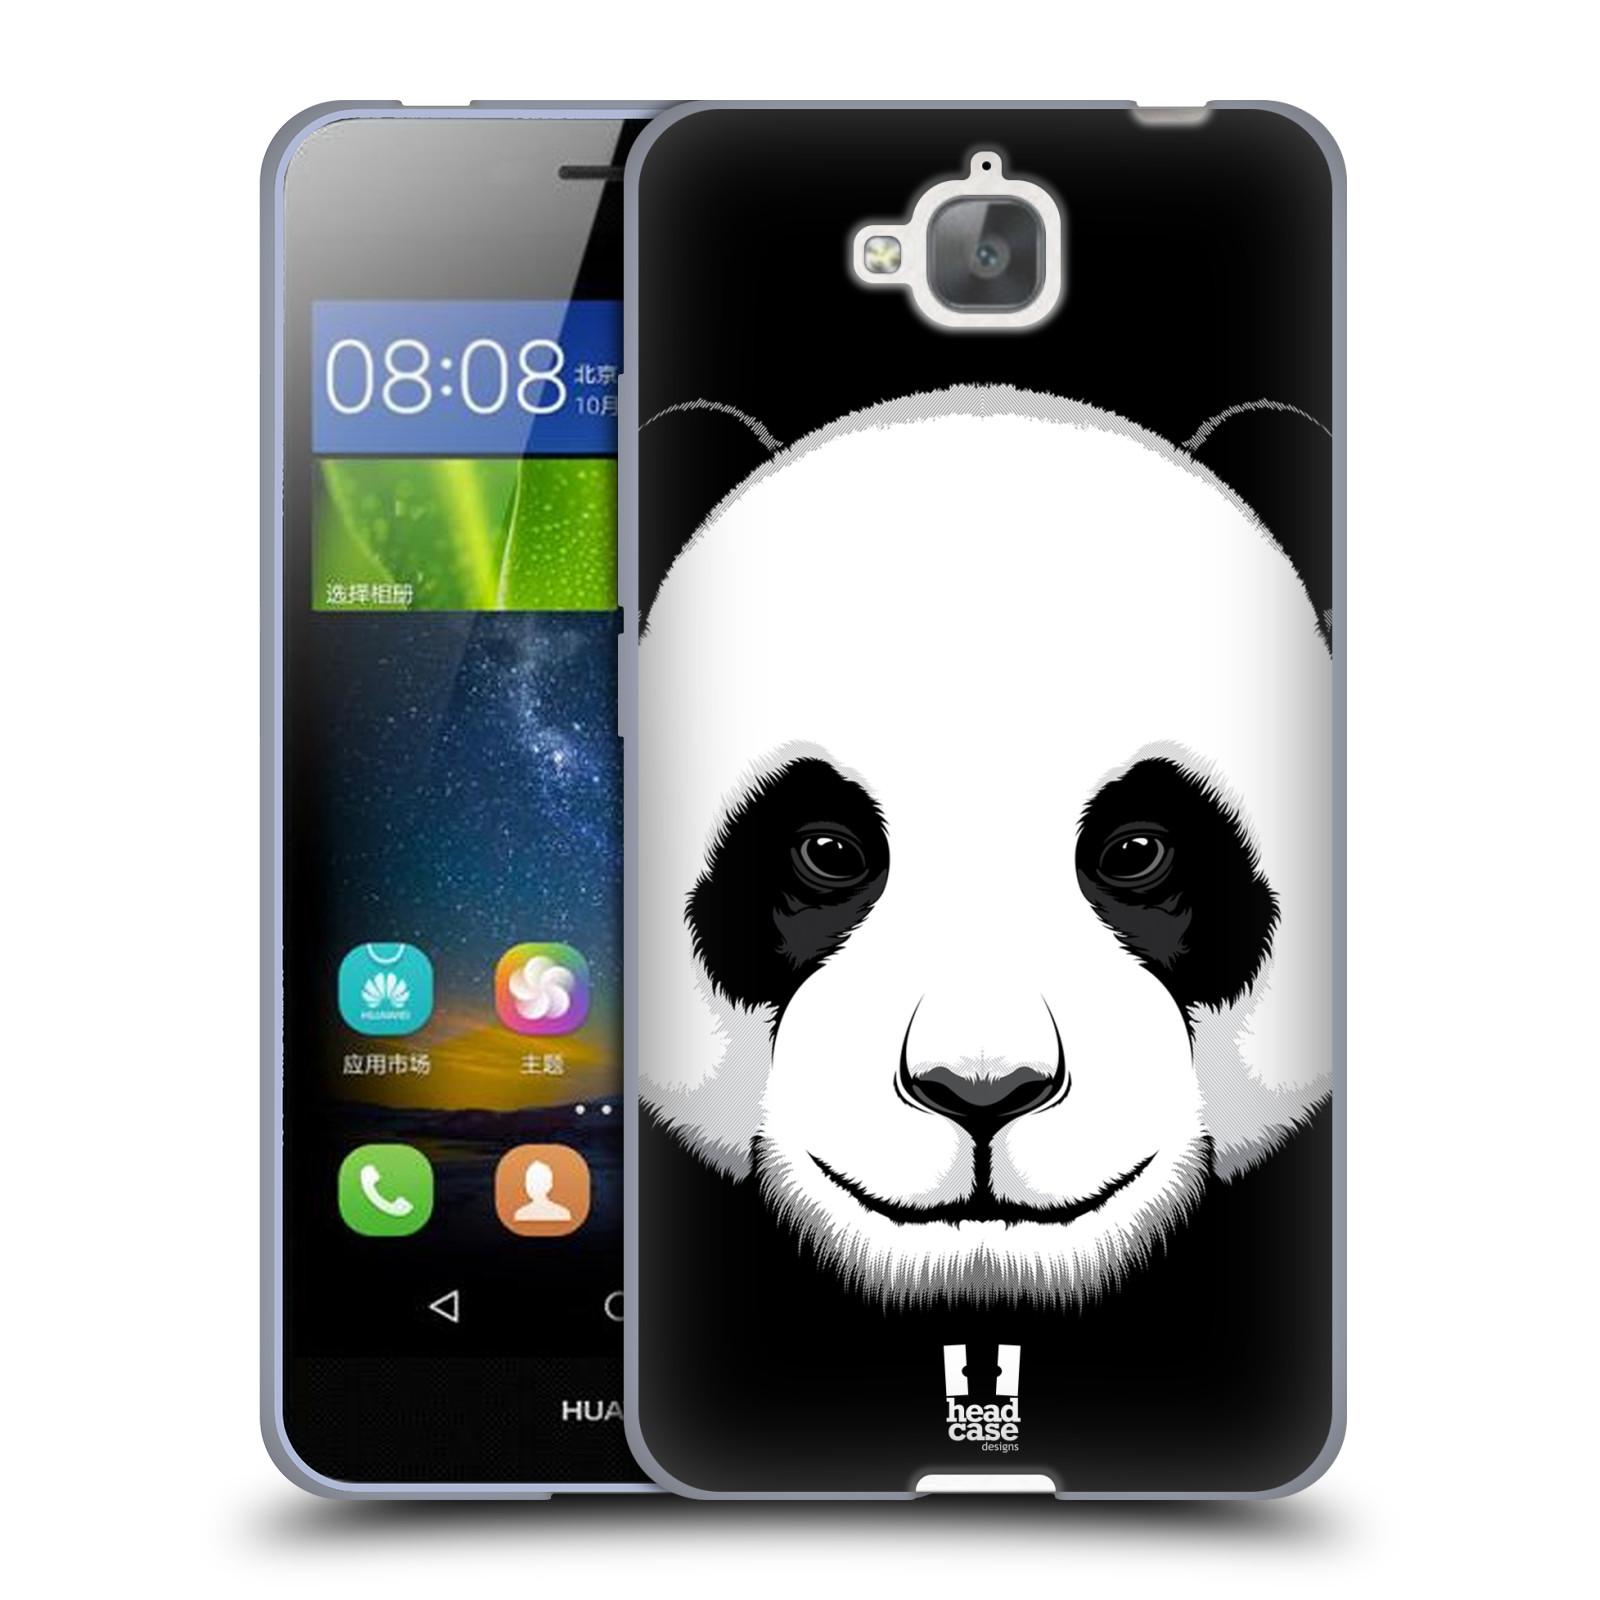 Silikonové pouzdro na mobil Huawei Y6 Pro Dual Sim HEAD CASE ILUSTROVANÁ PANDA